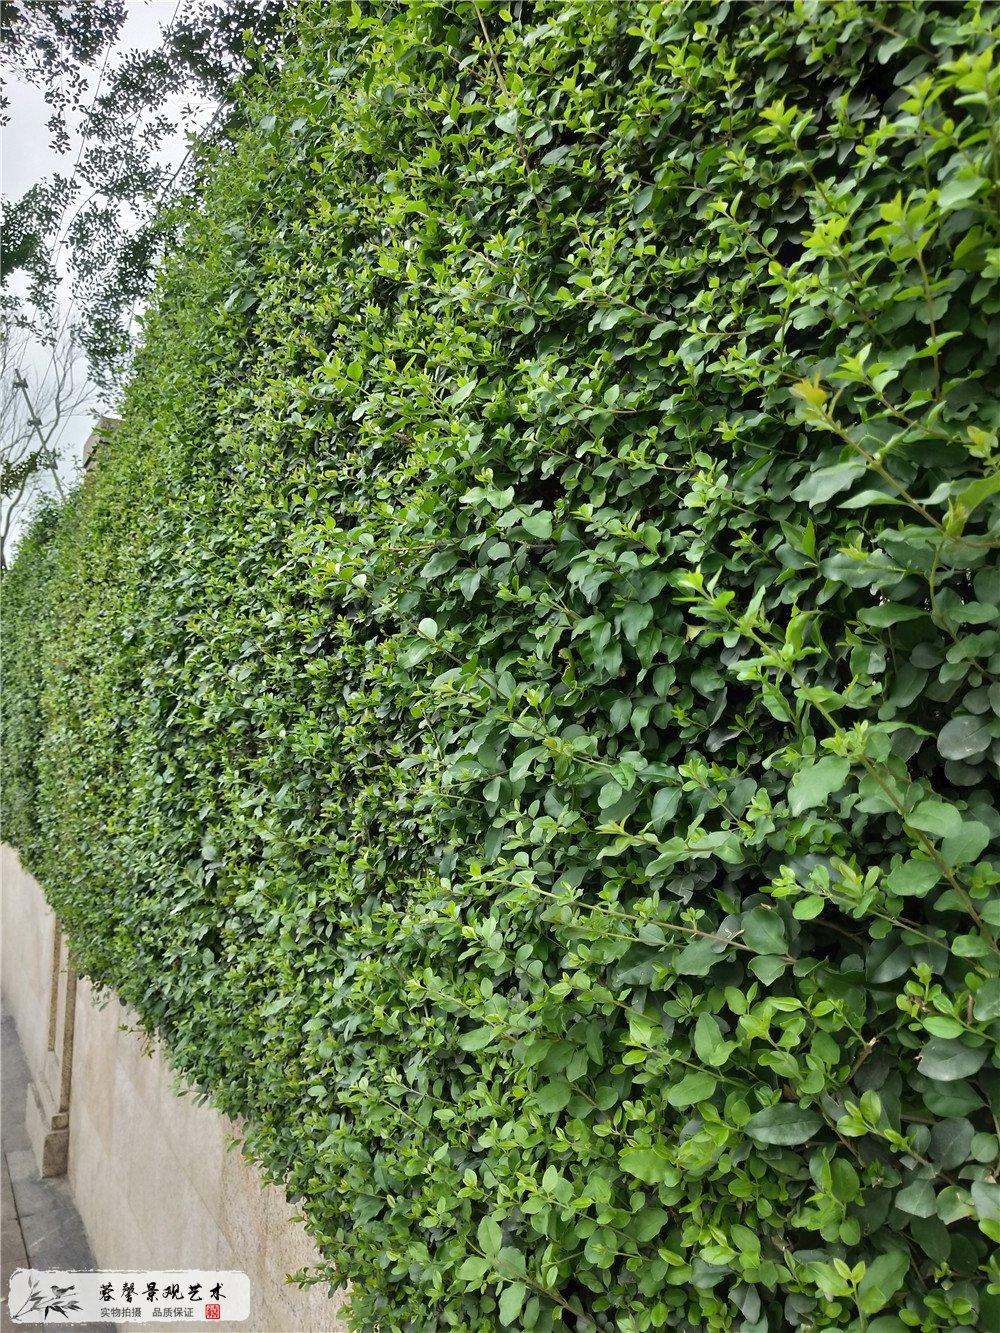 成都双流区香港城市大学研究所立体植物墙制作 (4)